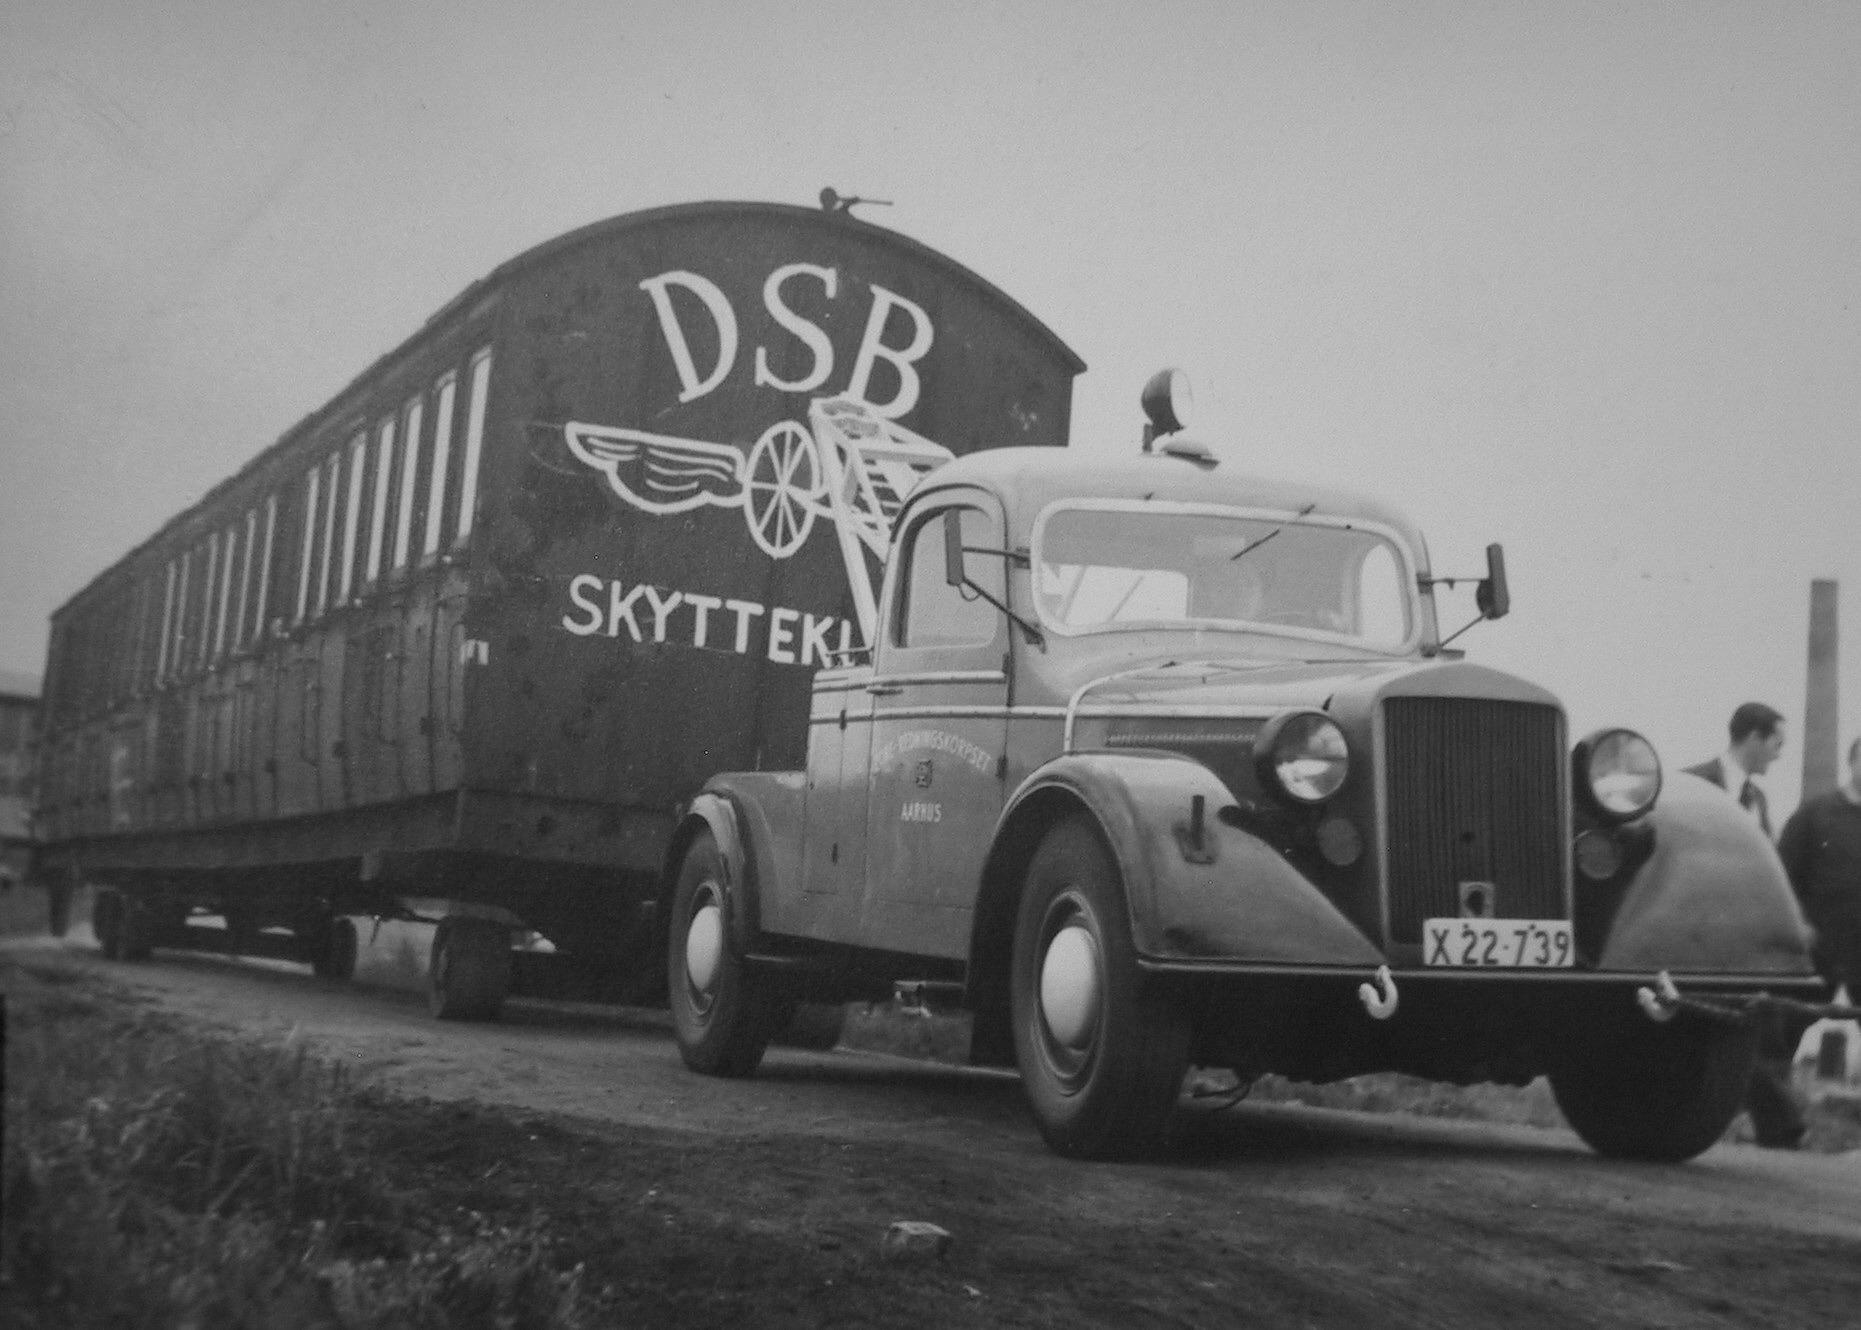 dsb_1952_0519